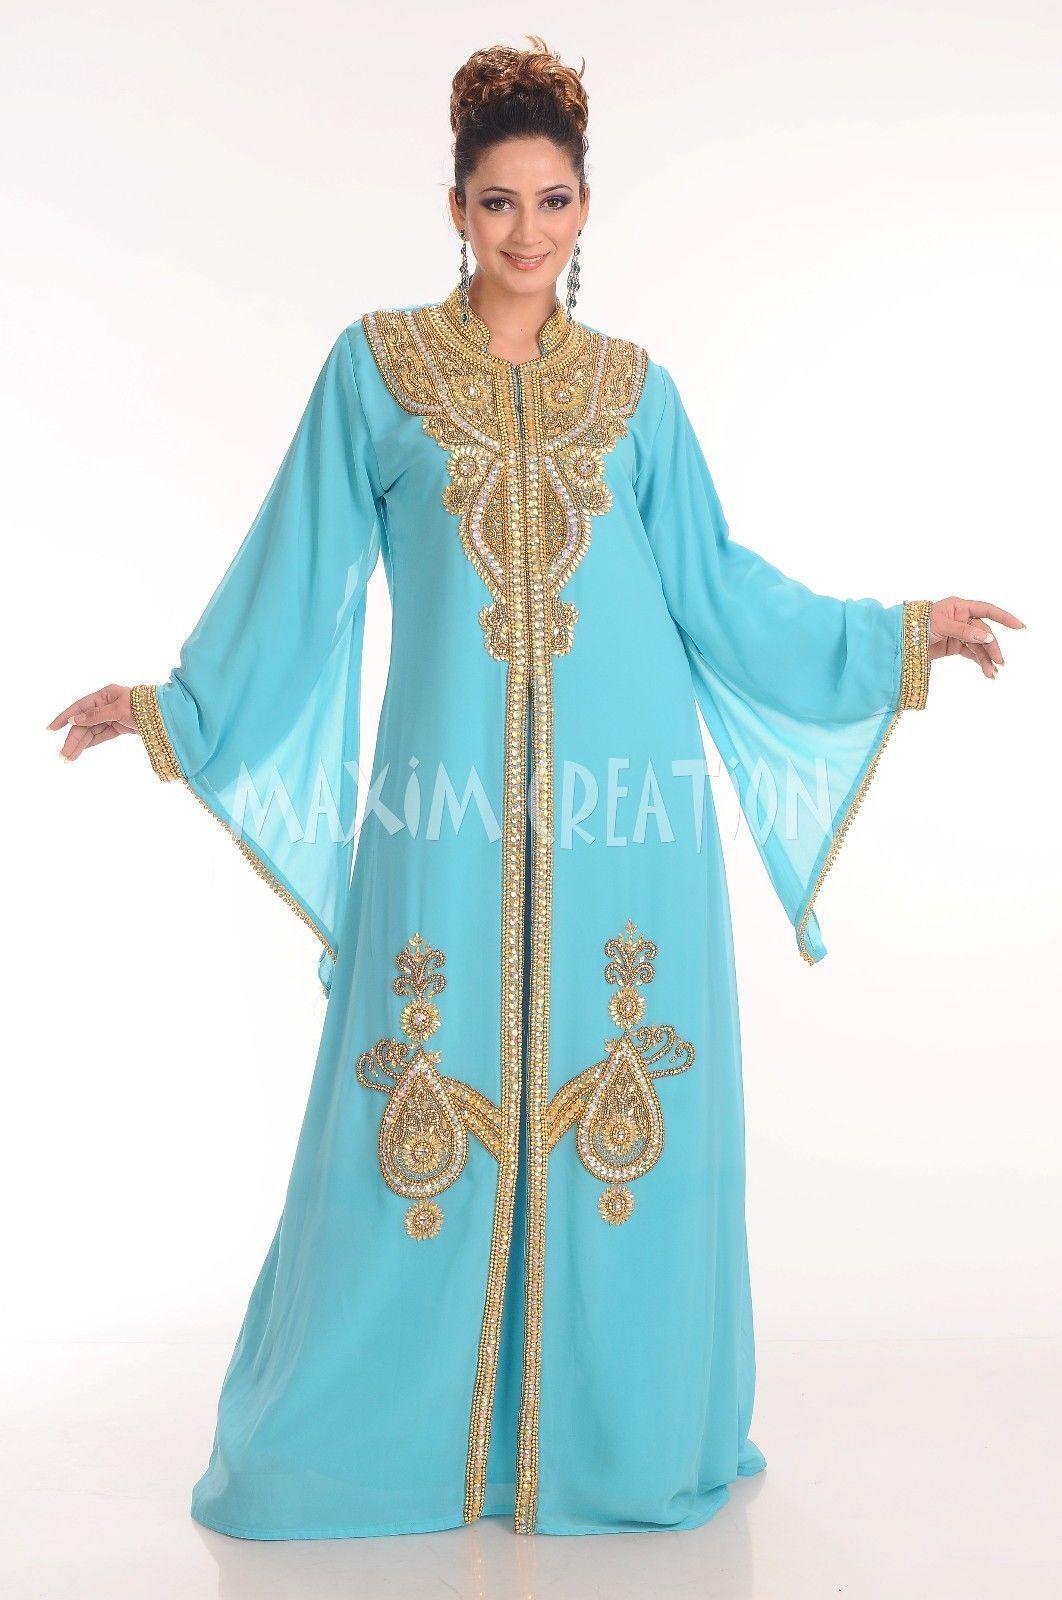 Dubai Farasha Moroccan Kaftan Dress Abaya Jilbab Islamic Arabian ...